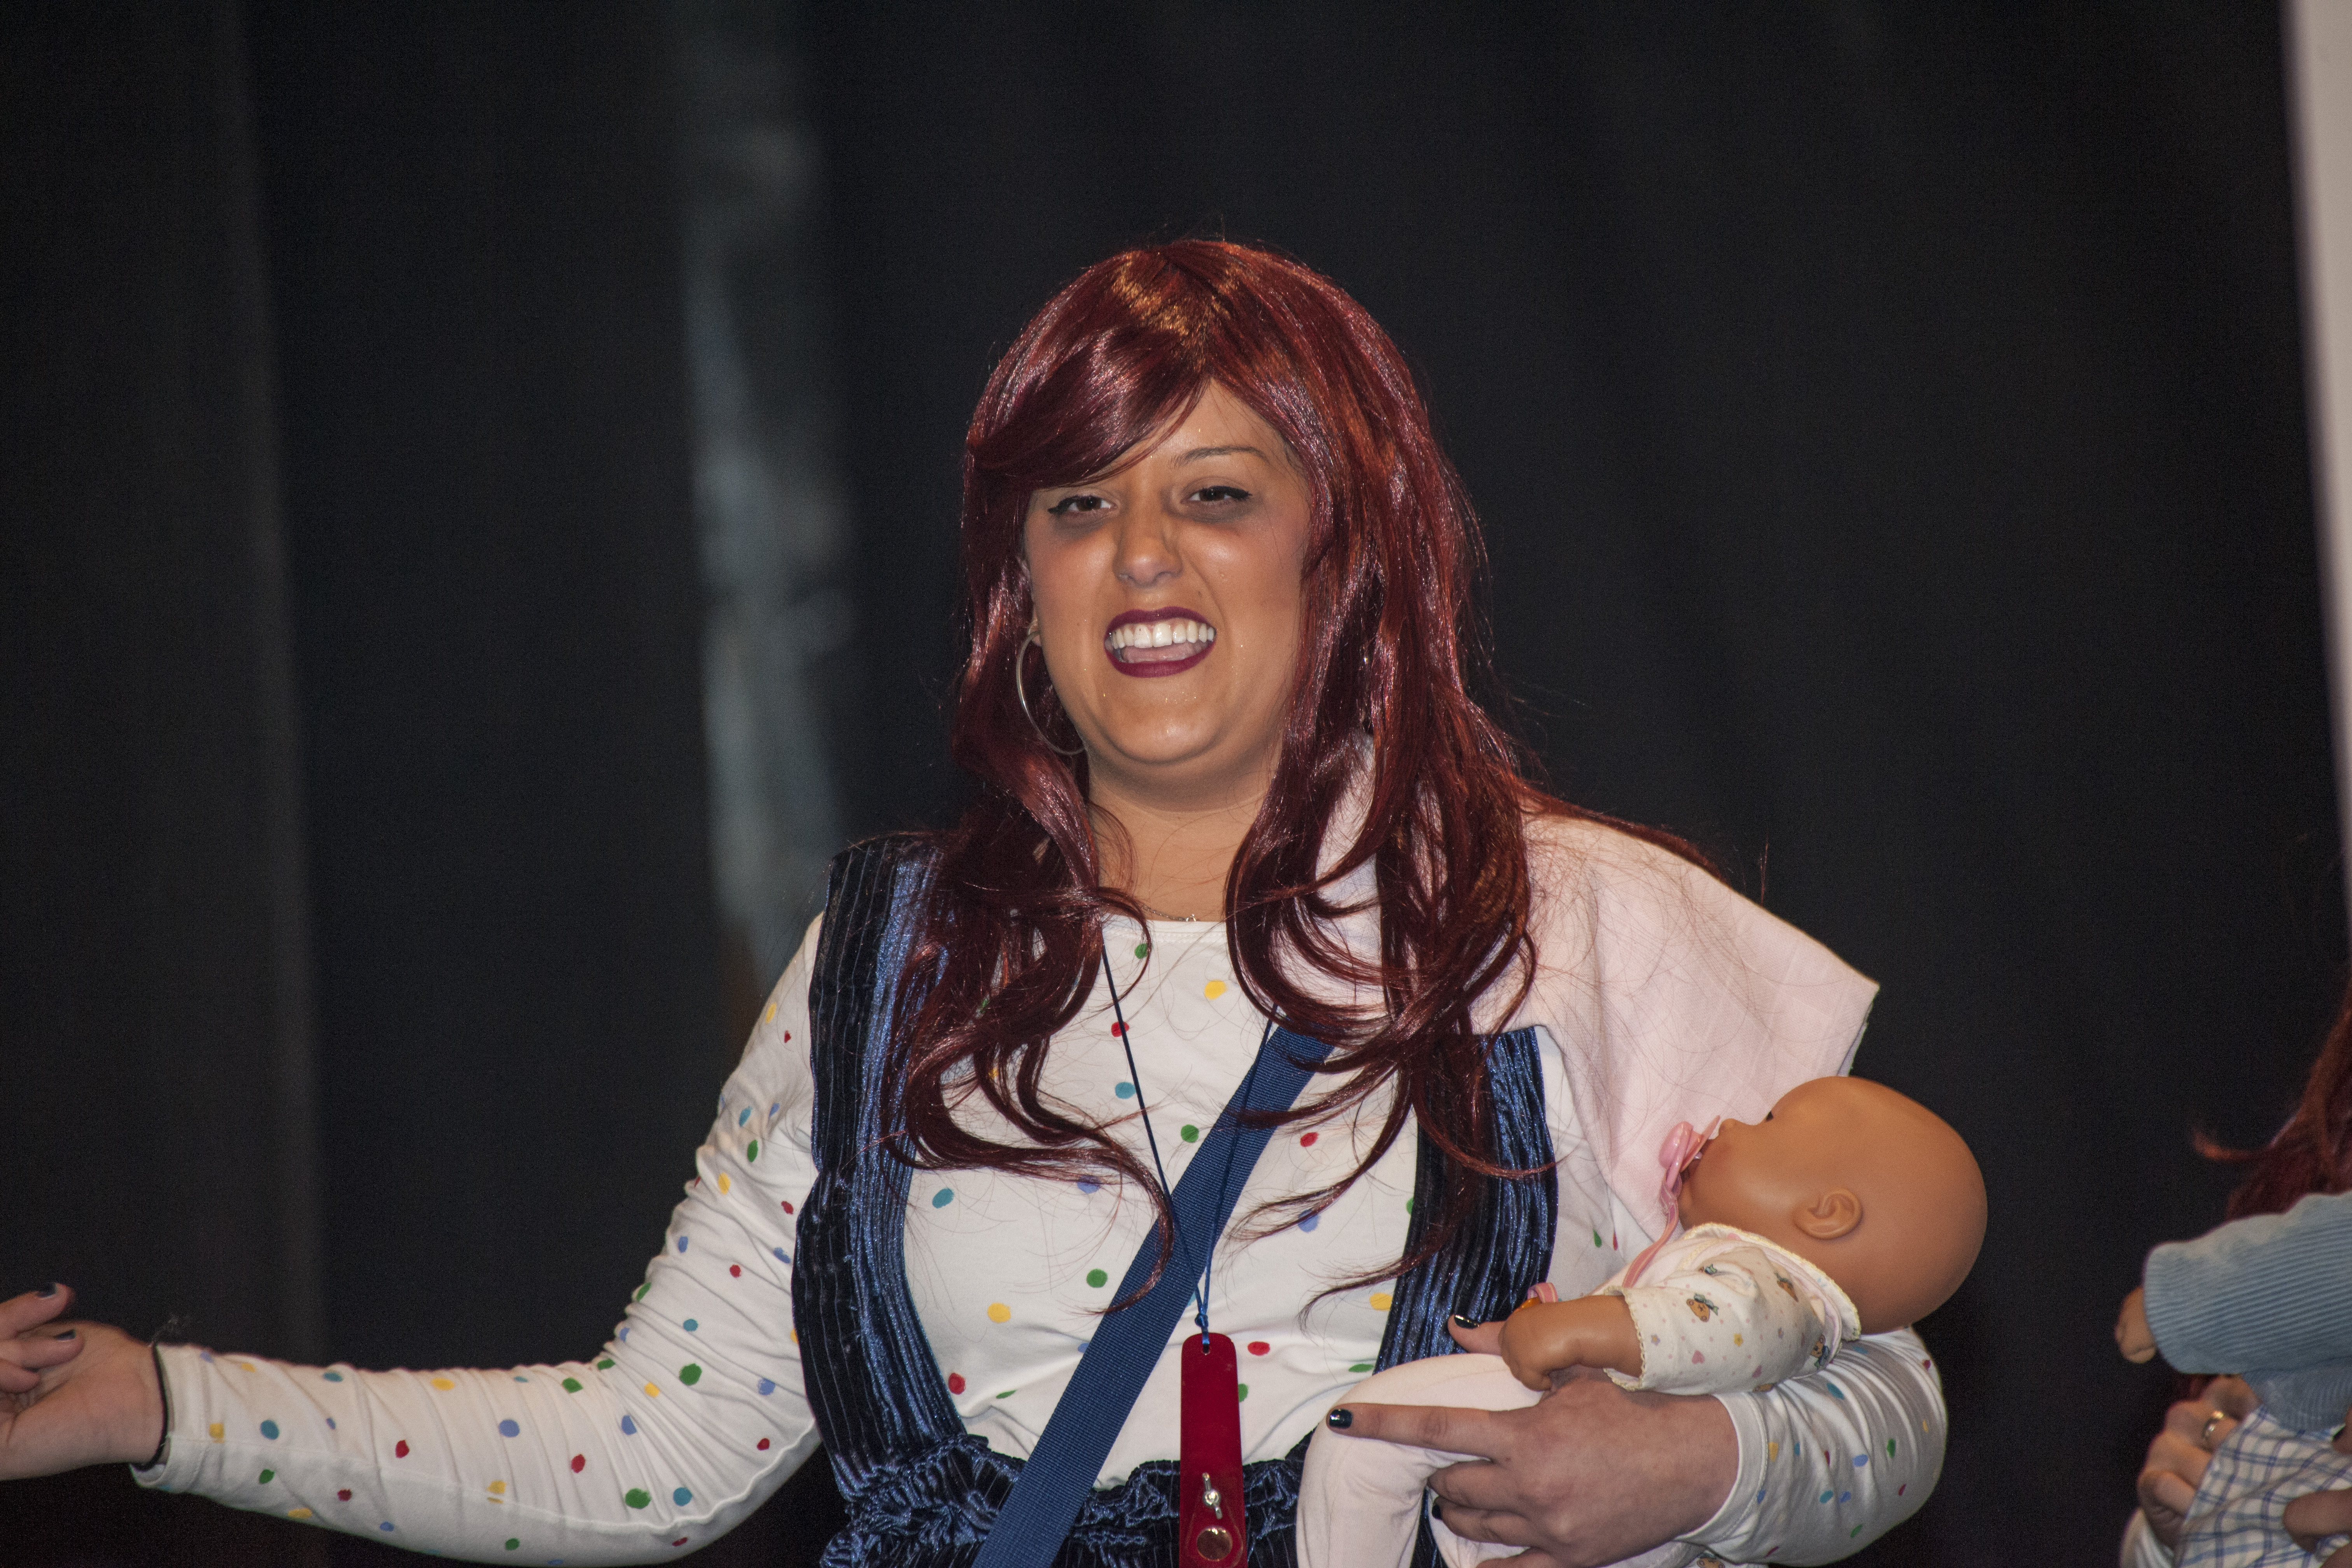 Chirigota Se busca abuela que no sea carnavalera (Carmona)006